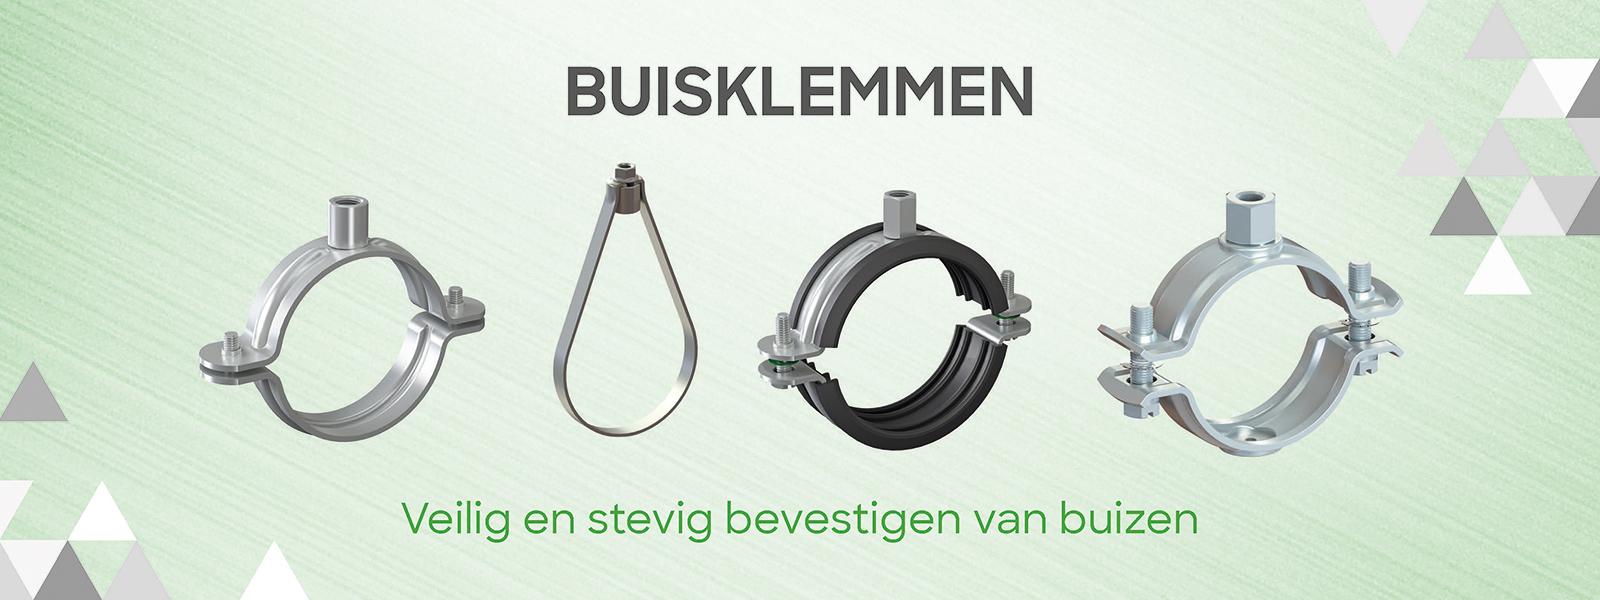 buisklemmen_banner_nl